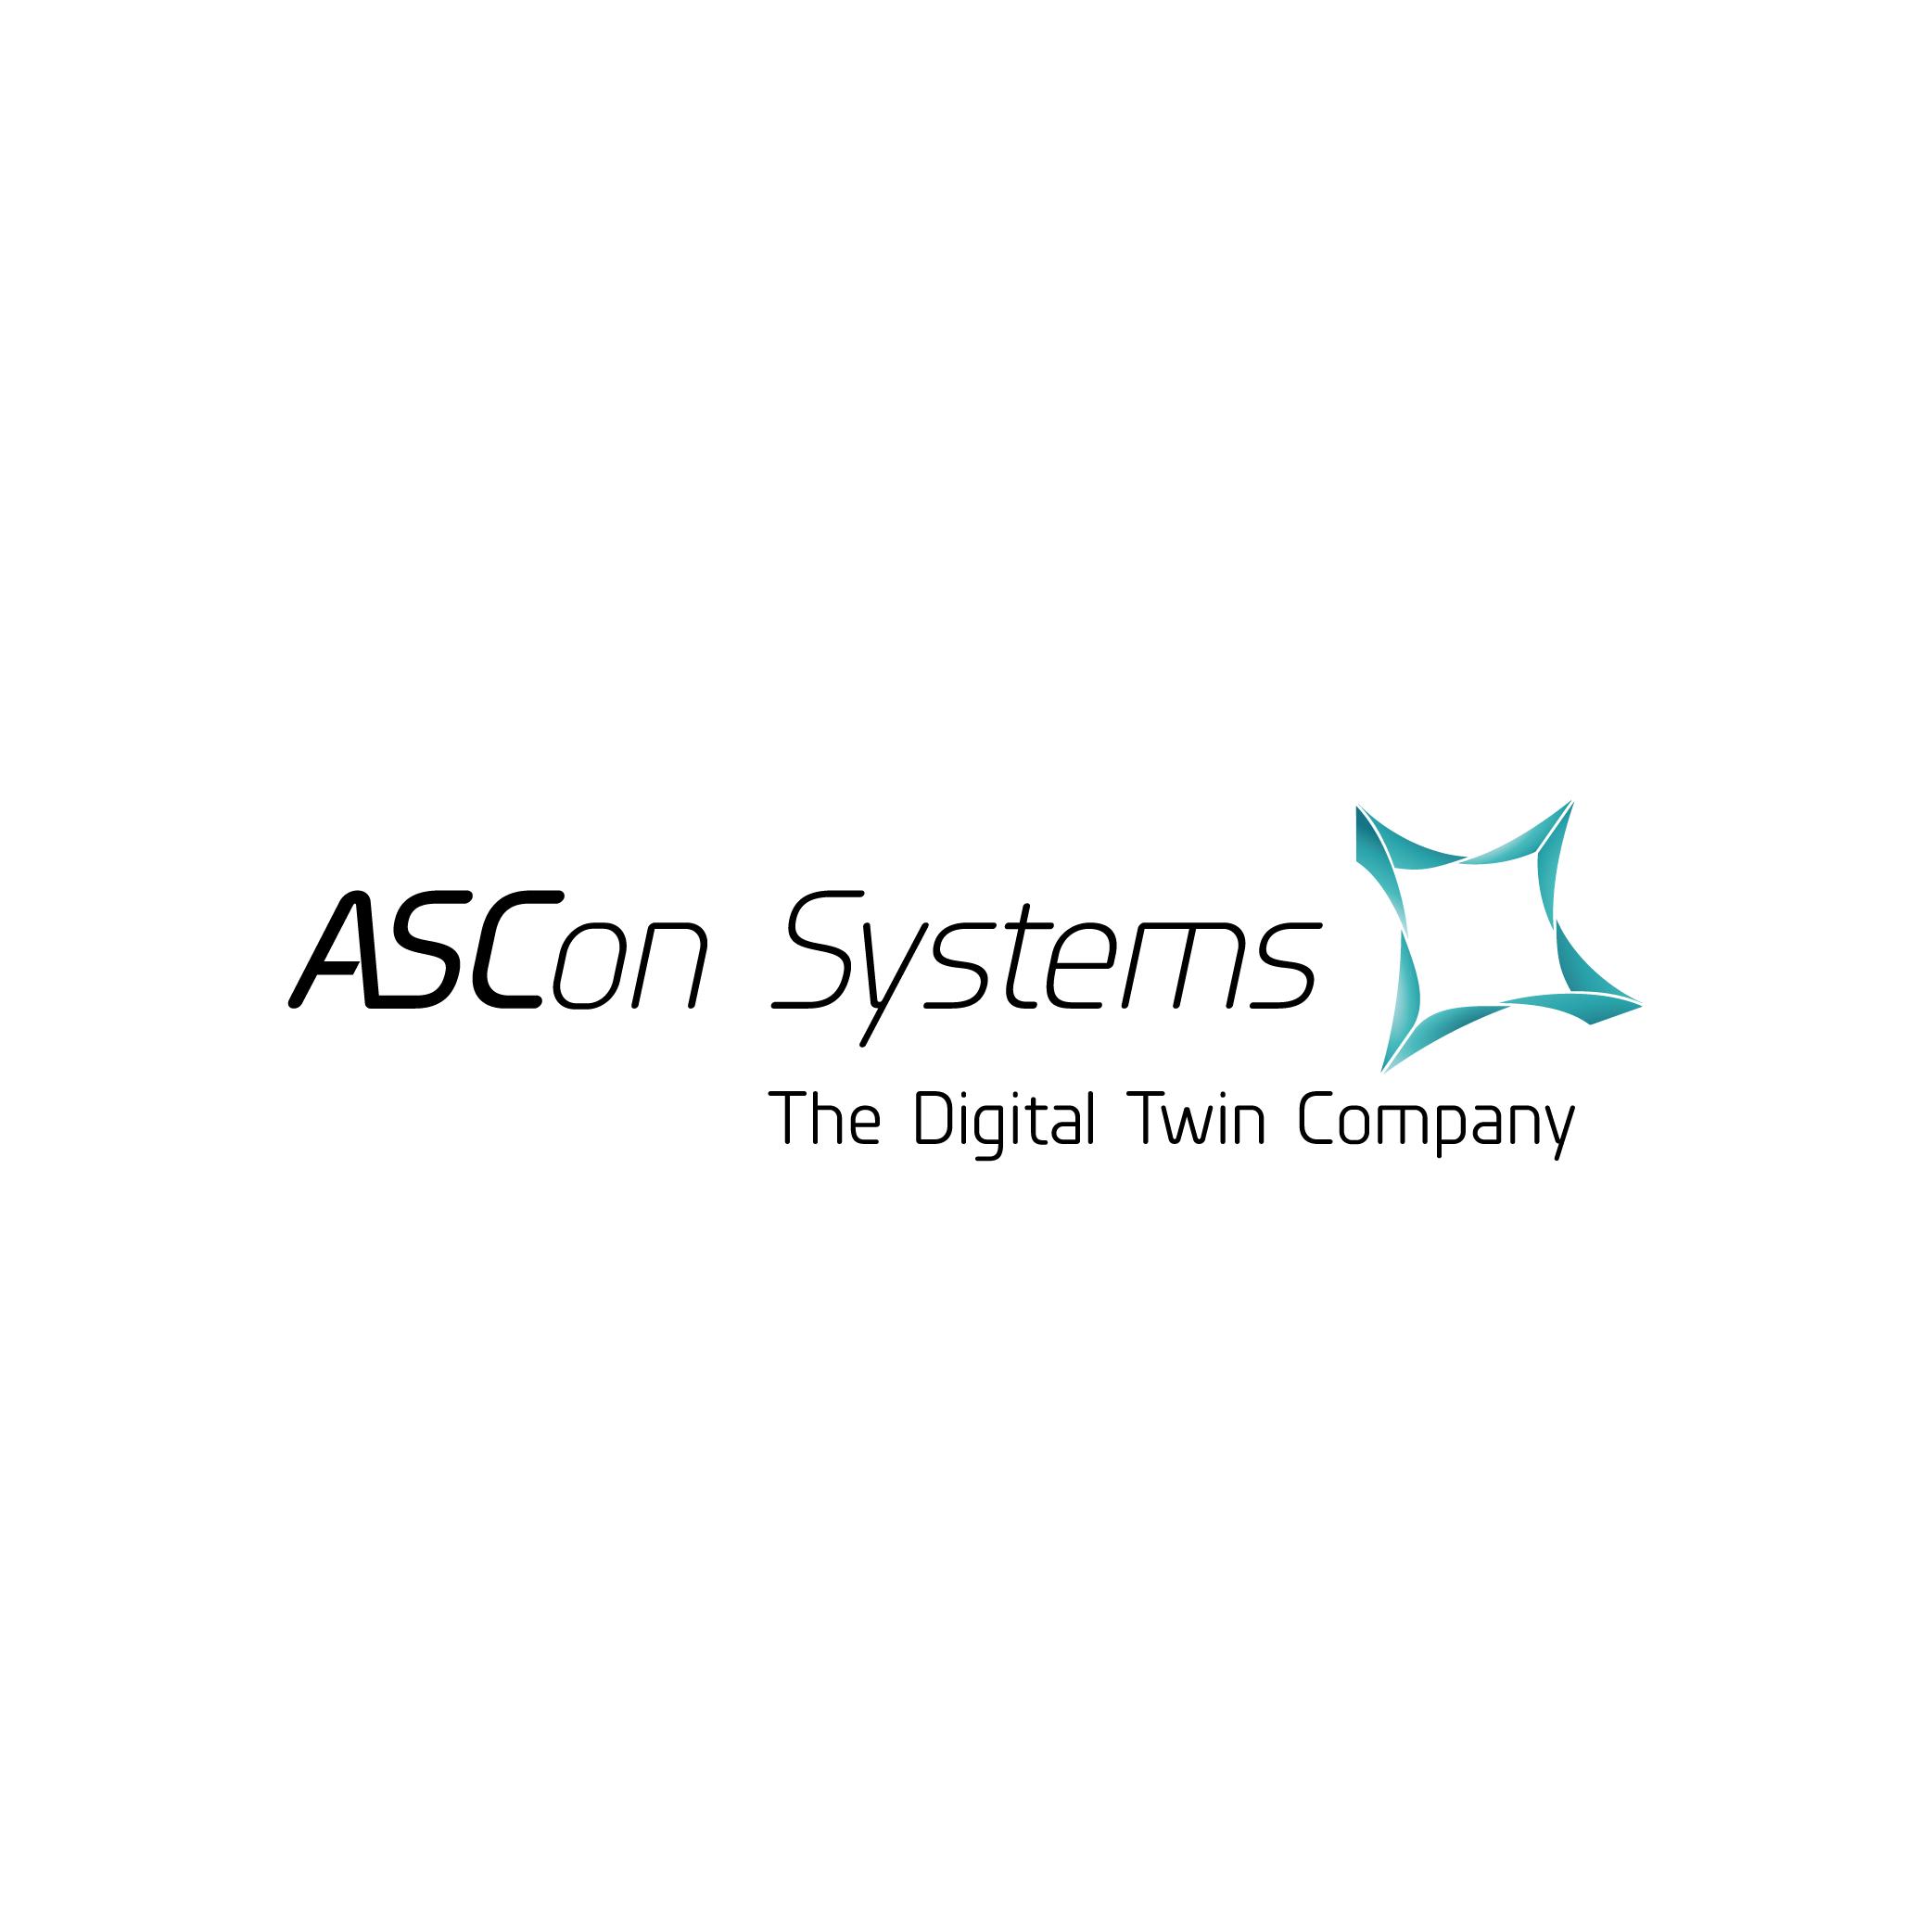 ASCon Systems